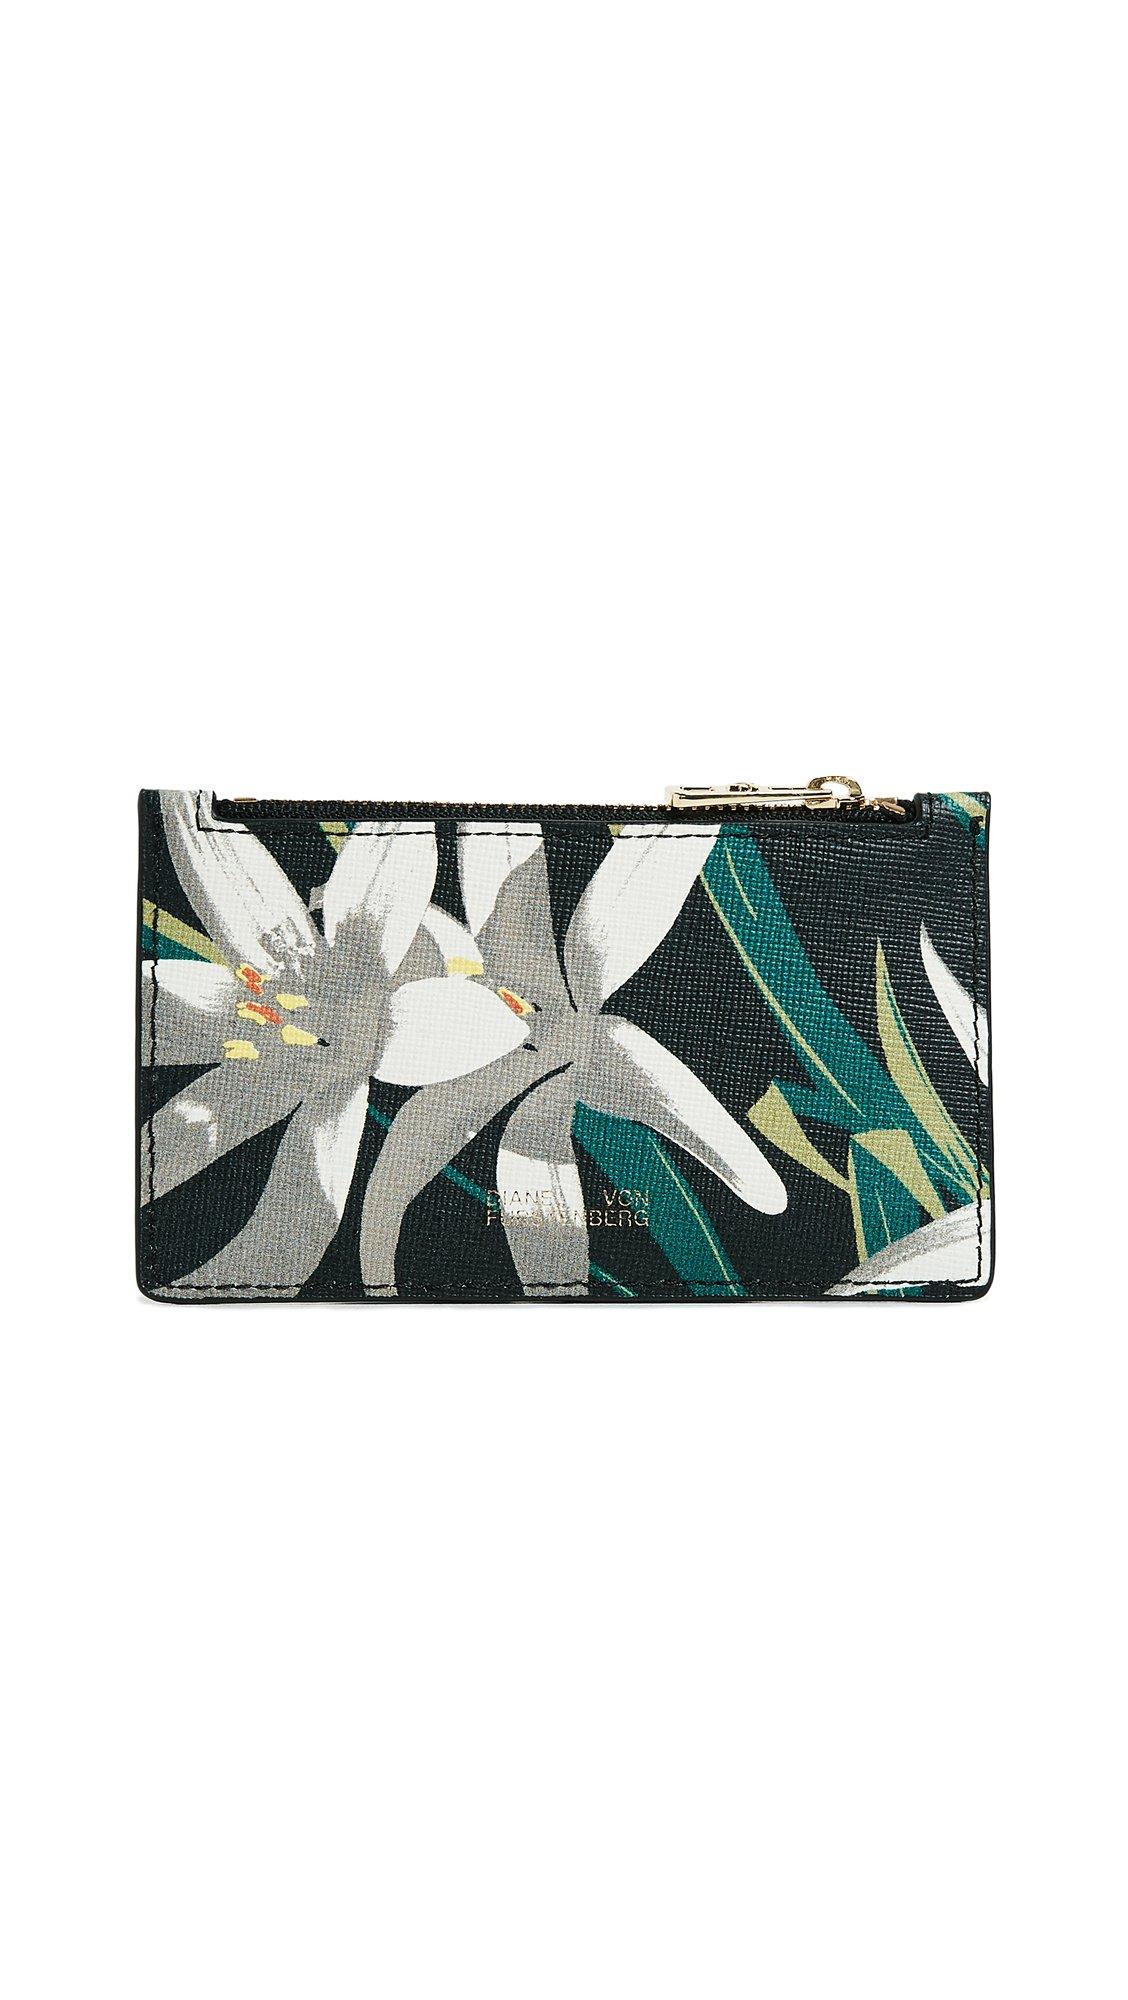 Diane von Furstenberg Women's Zip Top Card Case, Harlow Black, One Size by Diane von Furstenberg